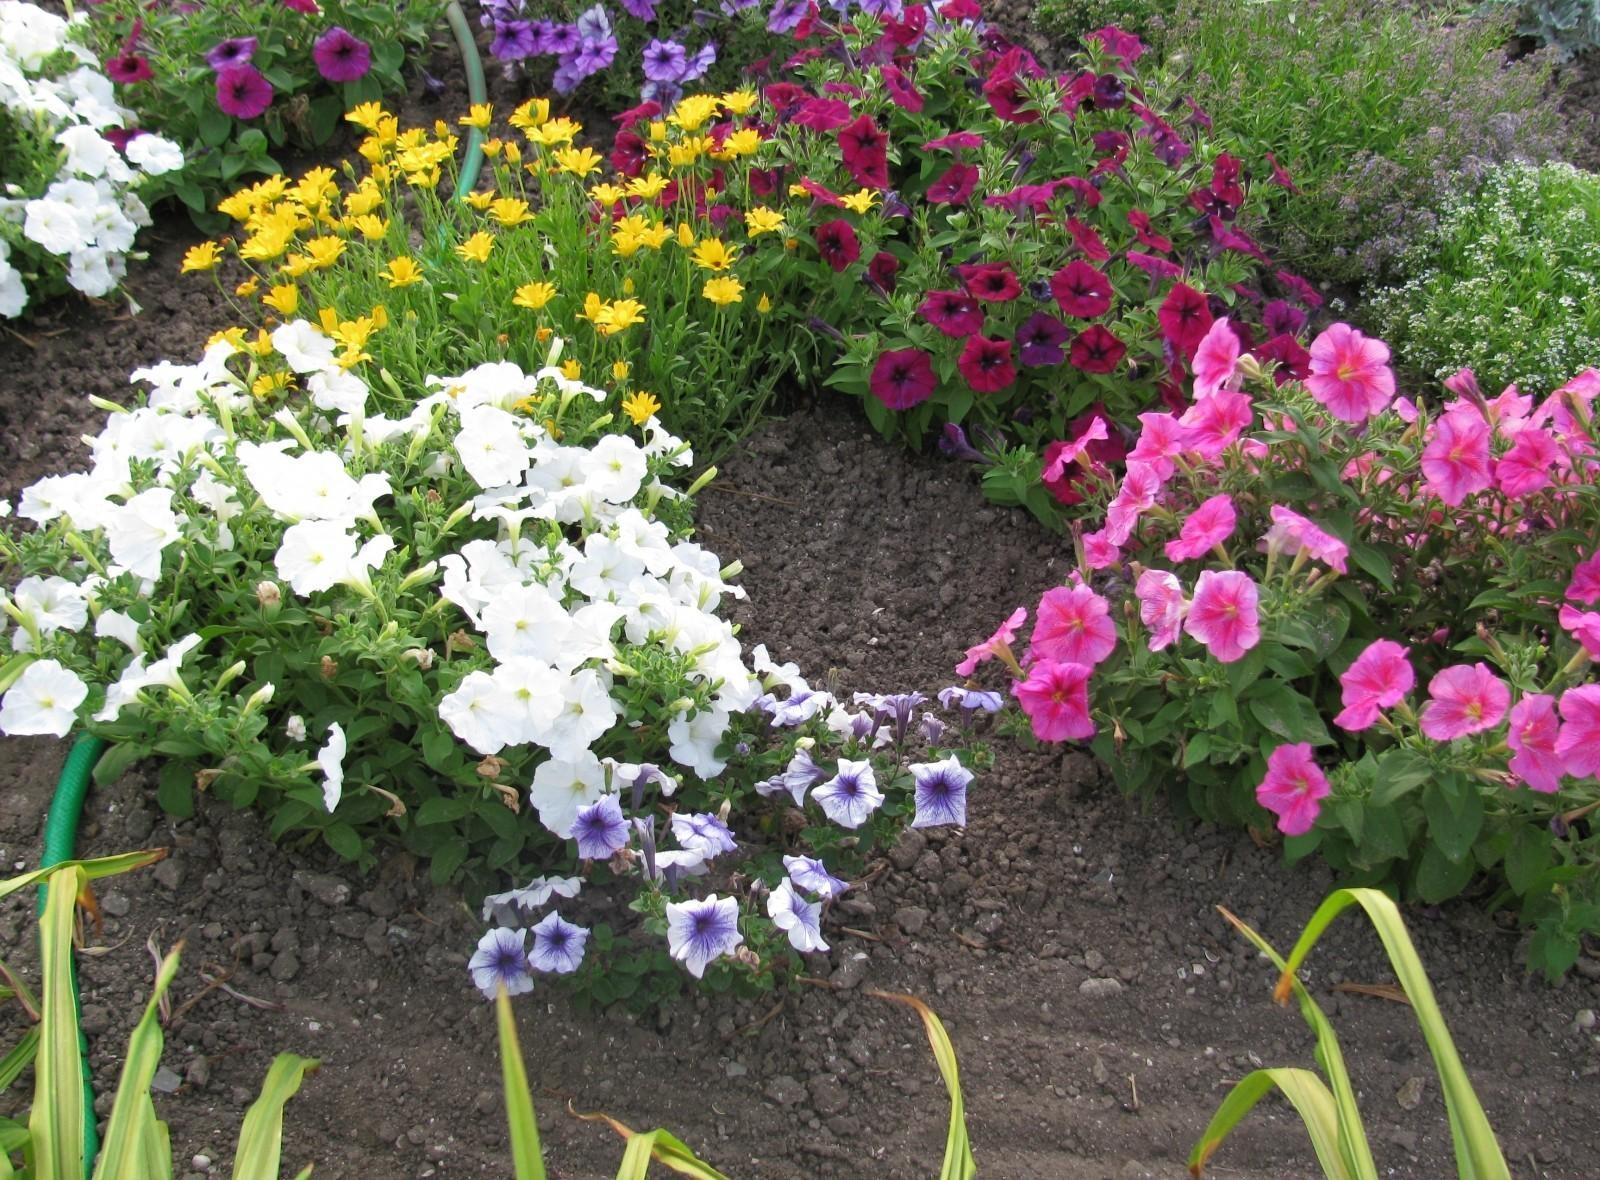 Image De Parterre De Fleurs fond d'écran : pétunia, différent, parterre de fleurs